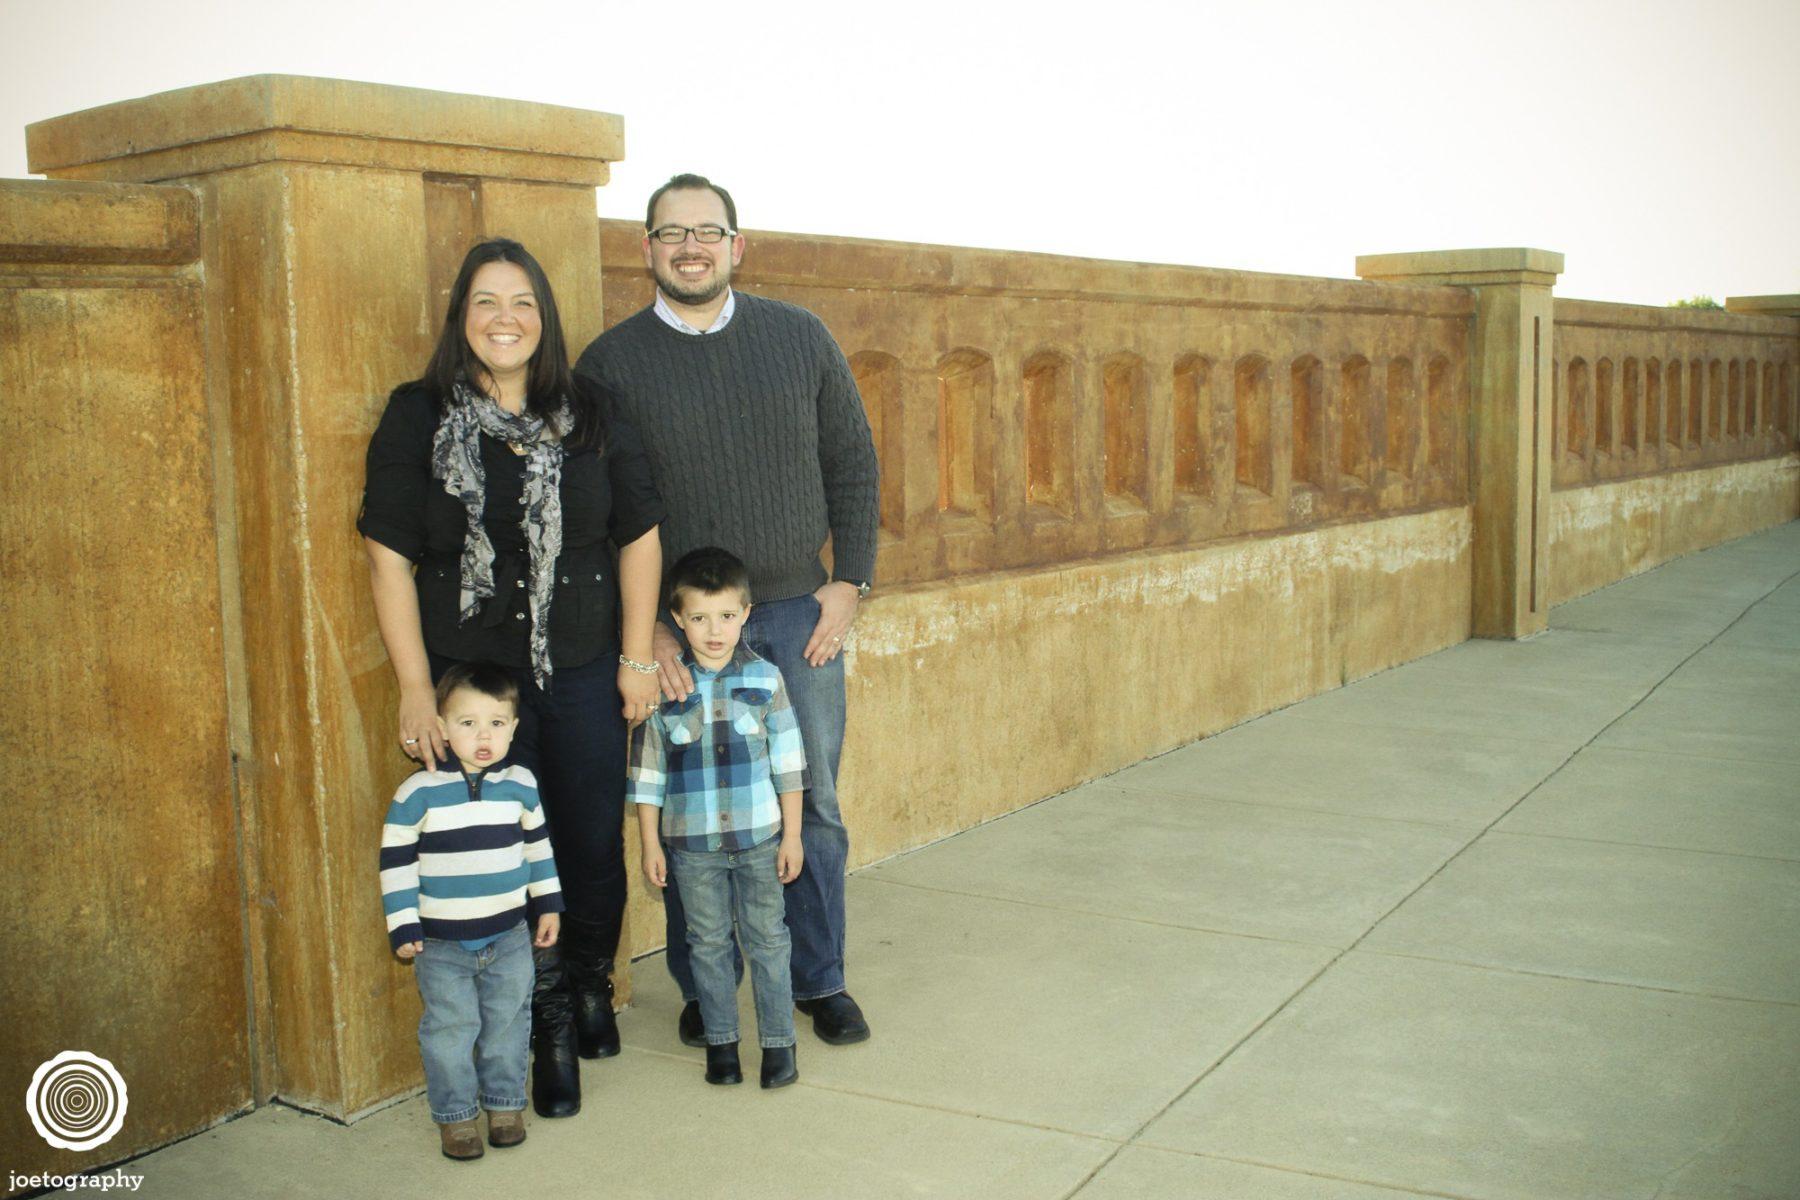 Zircher-Family-Photos-Central-Park-Carmel-Indiana-2